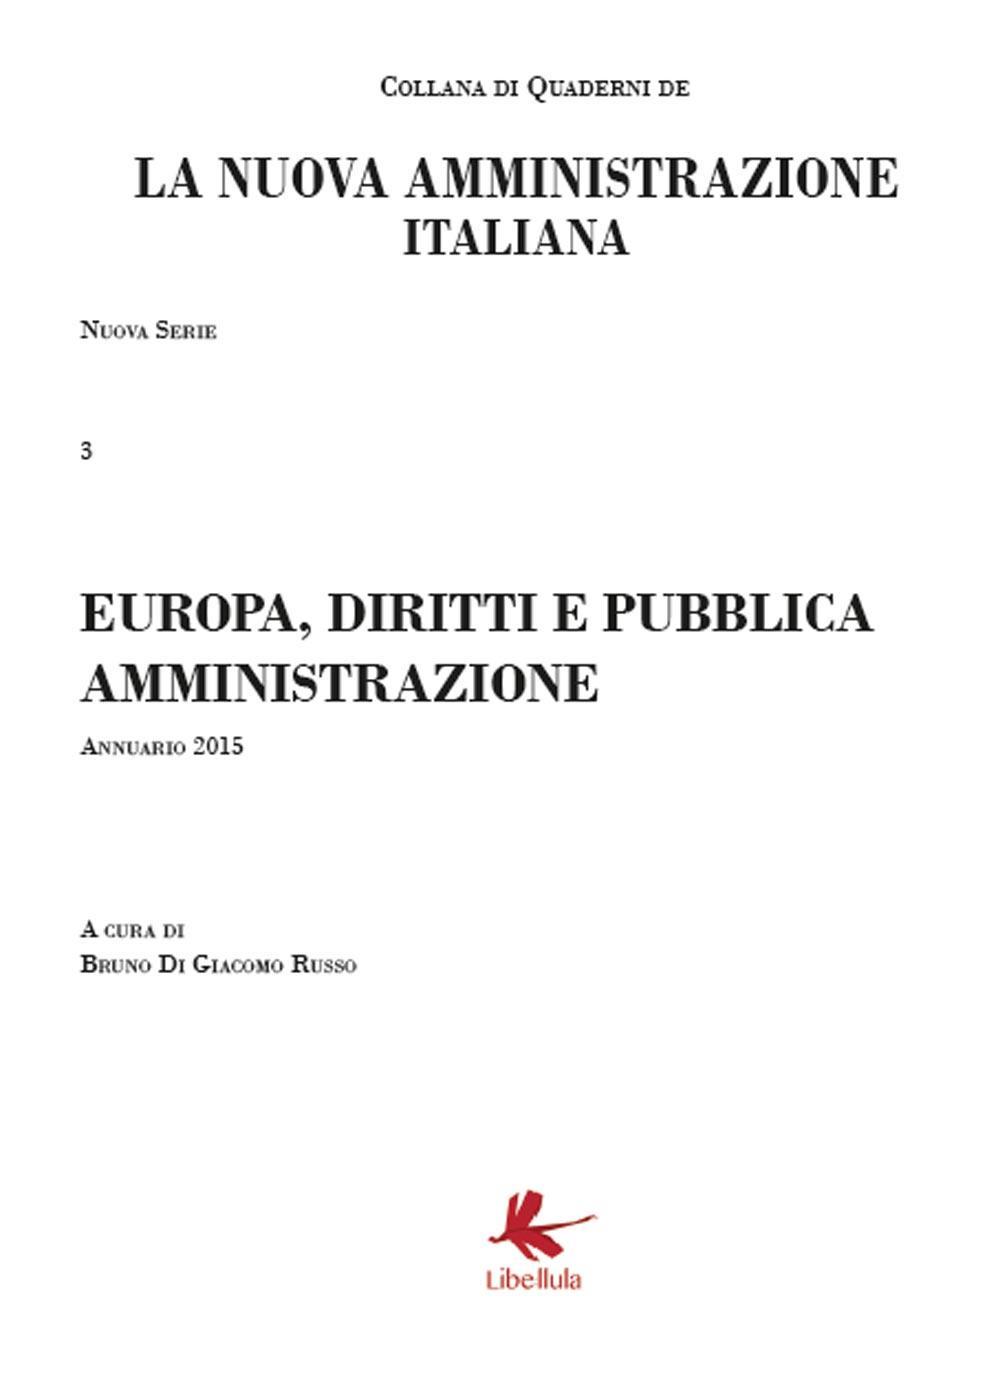 """Europa, diritti e pubblica amministrazione"""" (terzo Volume della Collana della Nuova Amministrazione italiana)"""